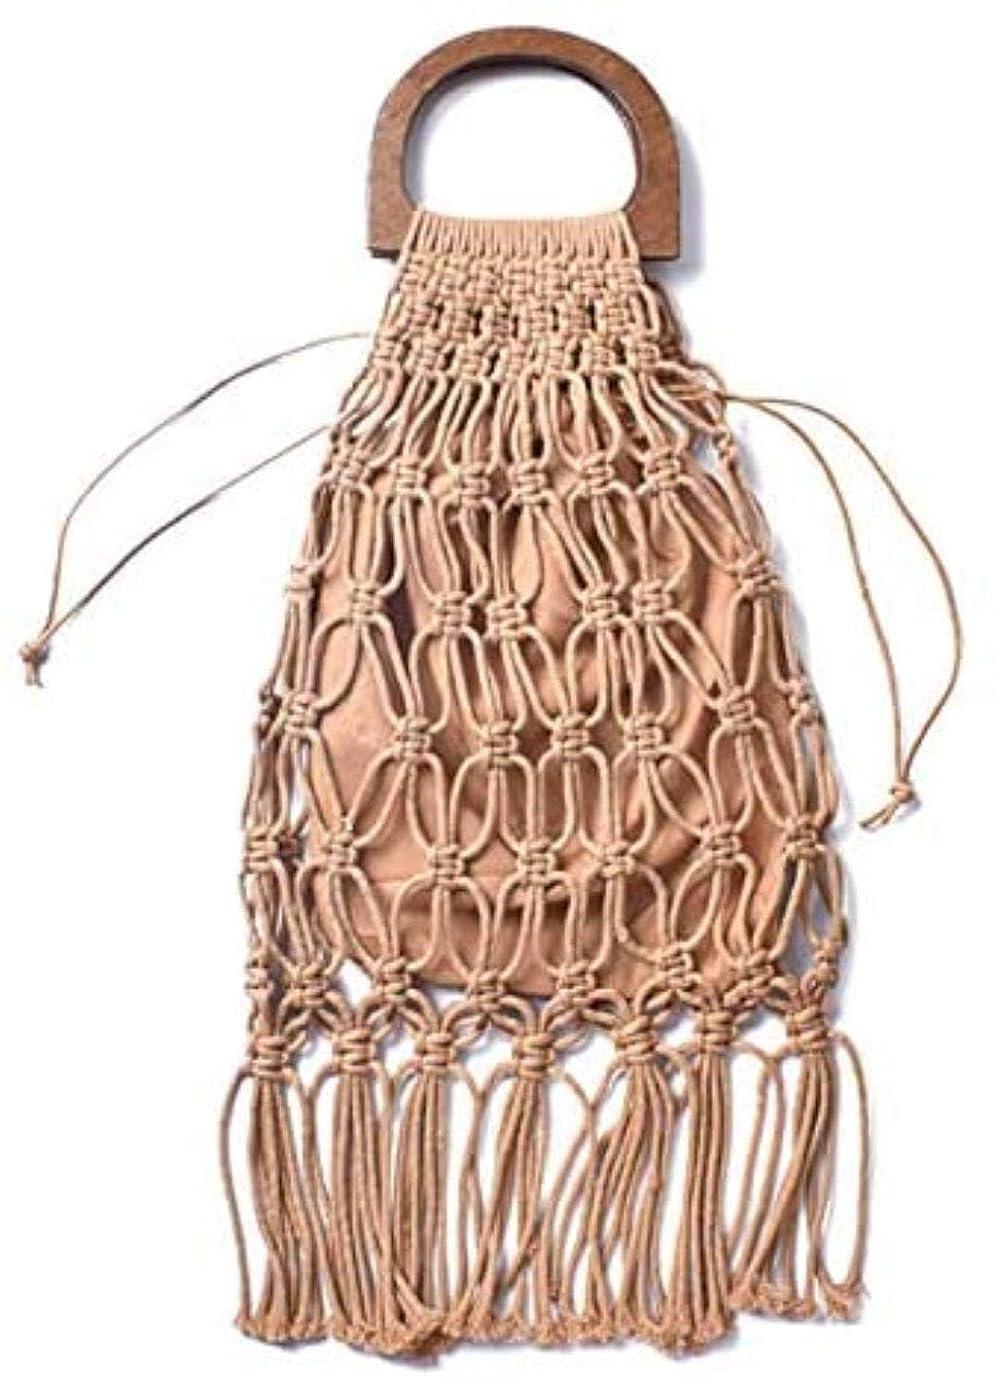 エキゾチックメロドラマ野菜織トートバッグ 中空タッセル籐バッグ手作りの木製ハンドルレディースハンドバッグ織ロープストローバッグトートバッグカジュアルサマービーチショッピング財布サック、ブラック,:無料サイズ、色:グレー RUSNW (Color : Brown)